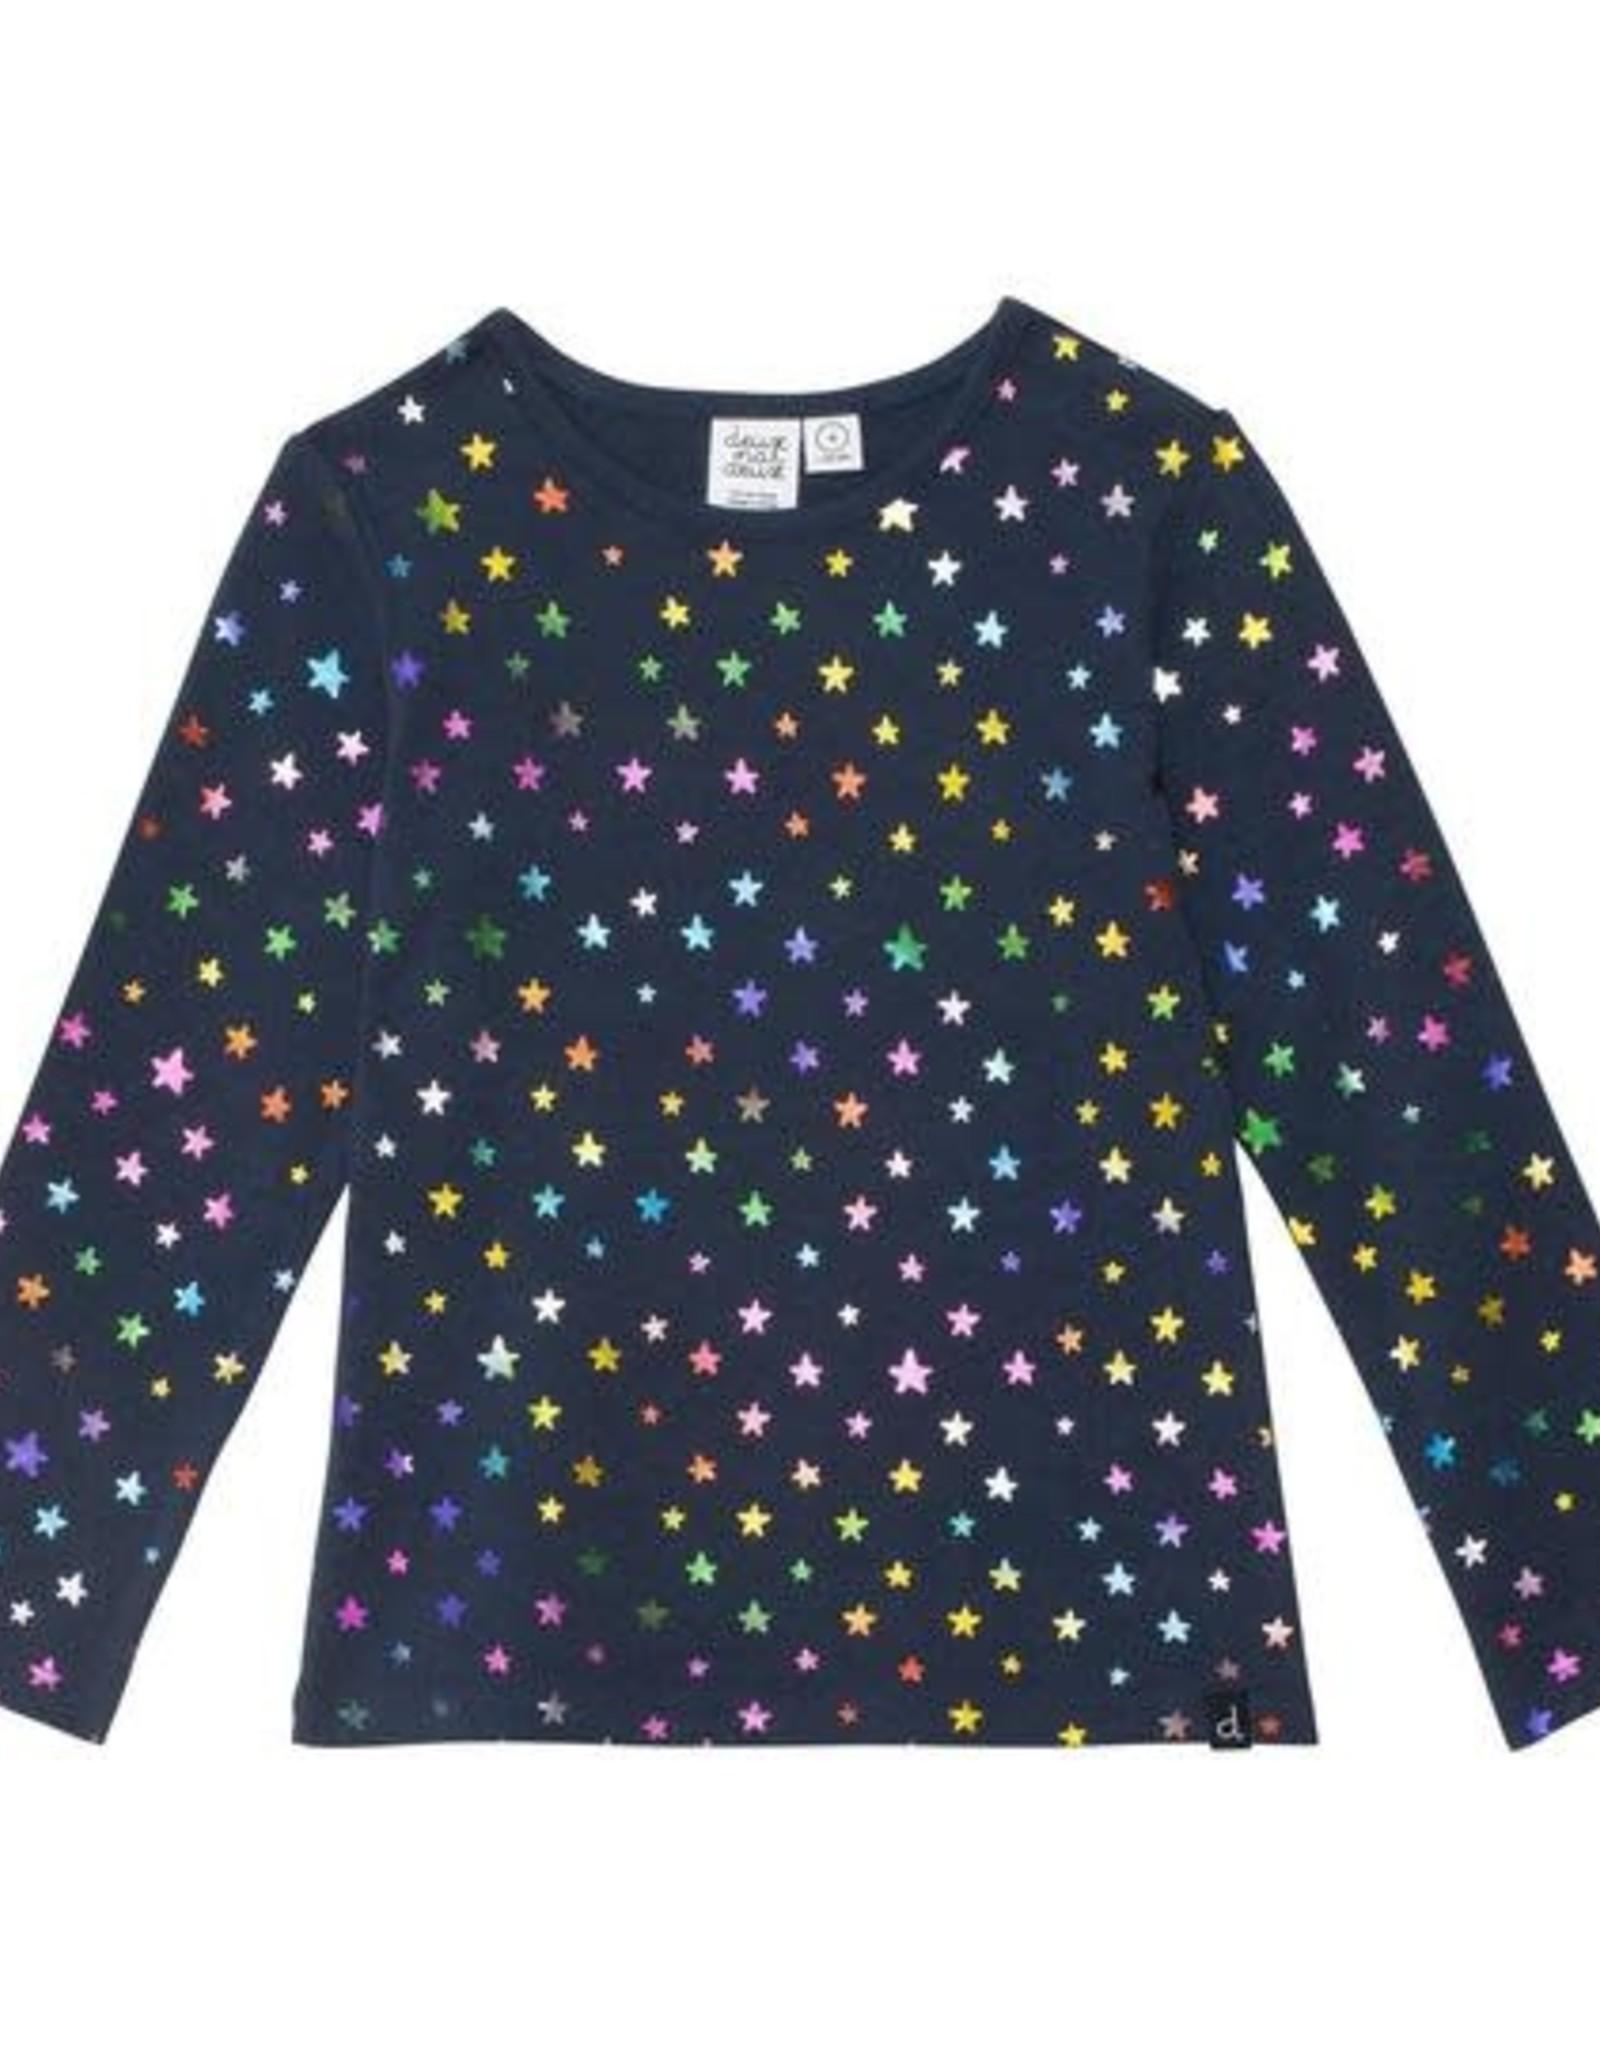 Deux Par Deux Organic Cotton Top with Stars